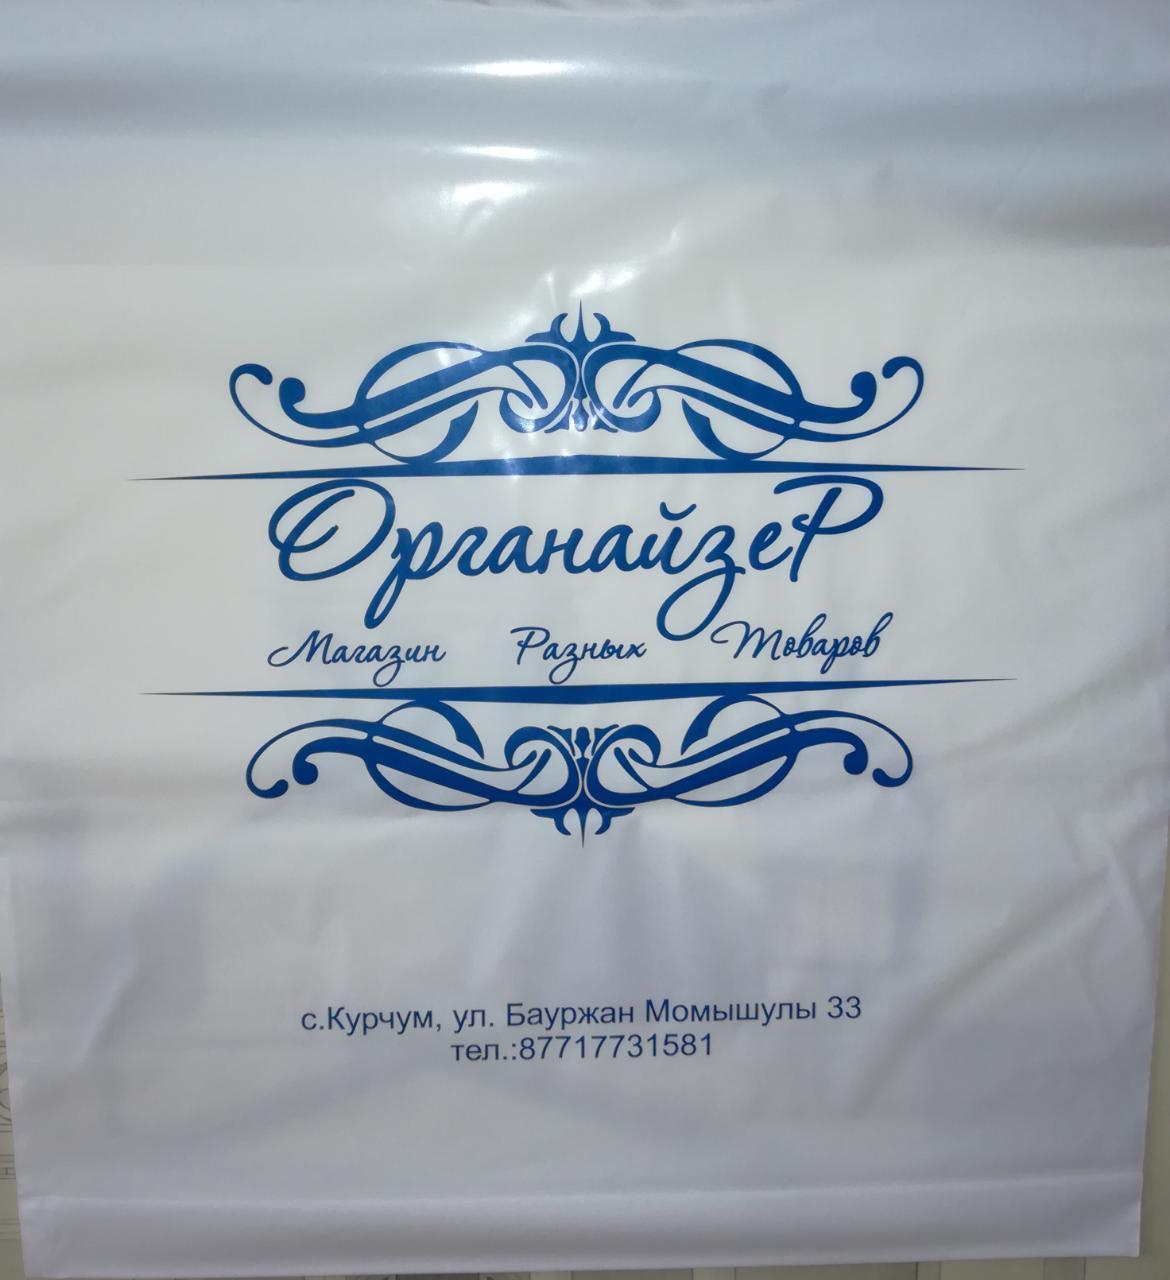 Нанесение логотипа на пакет